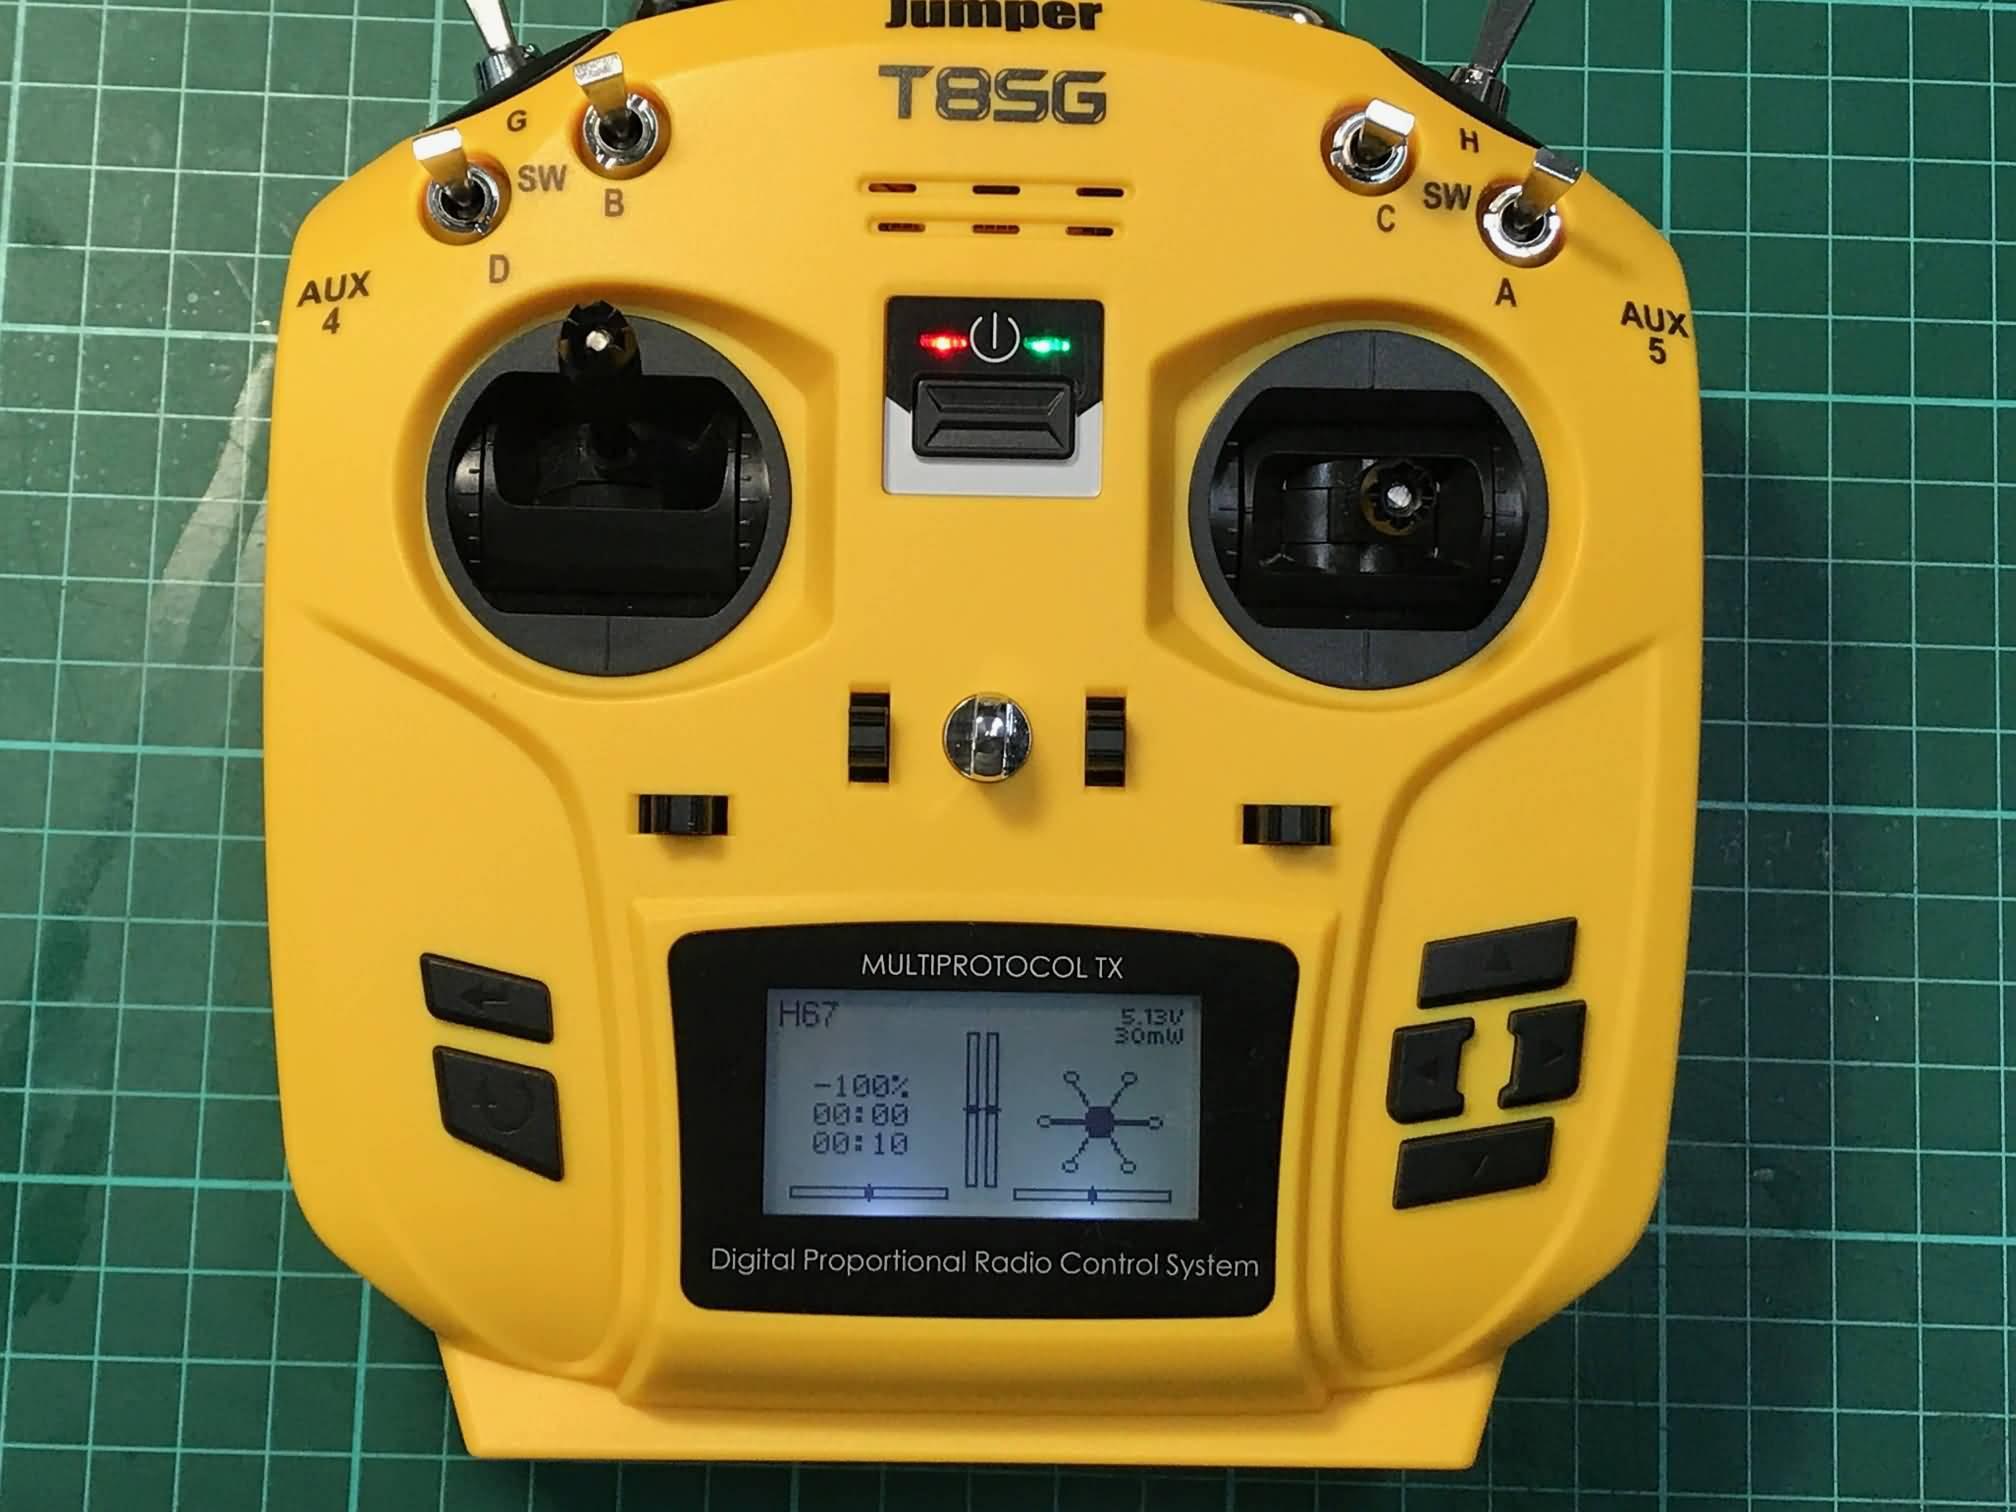 T8SG-V2-01-01.jpg